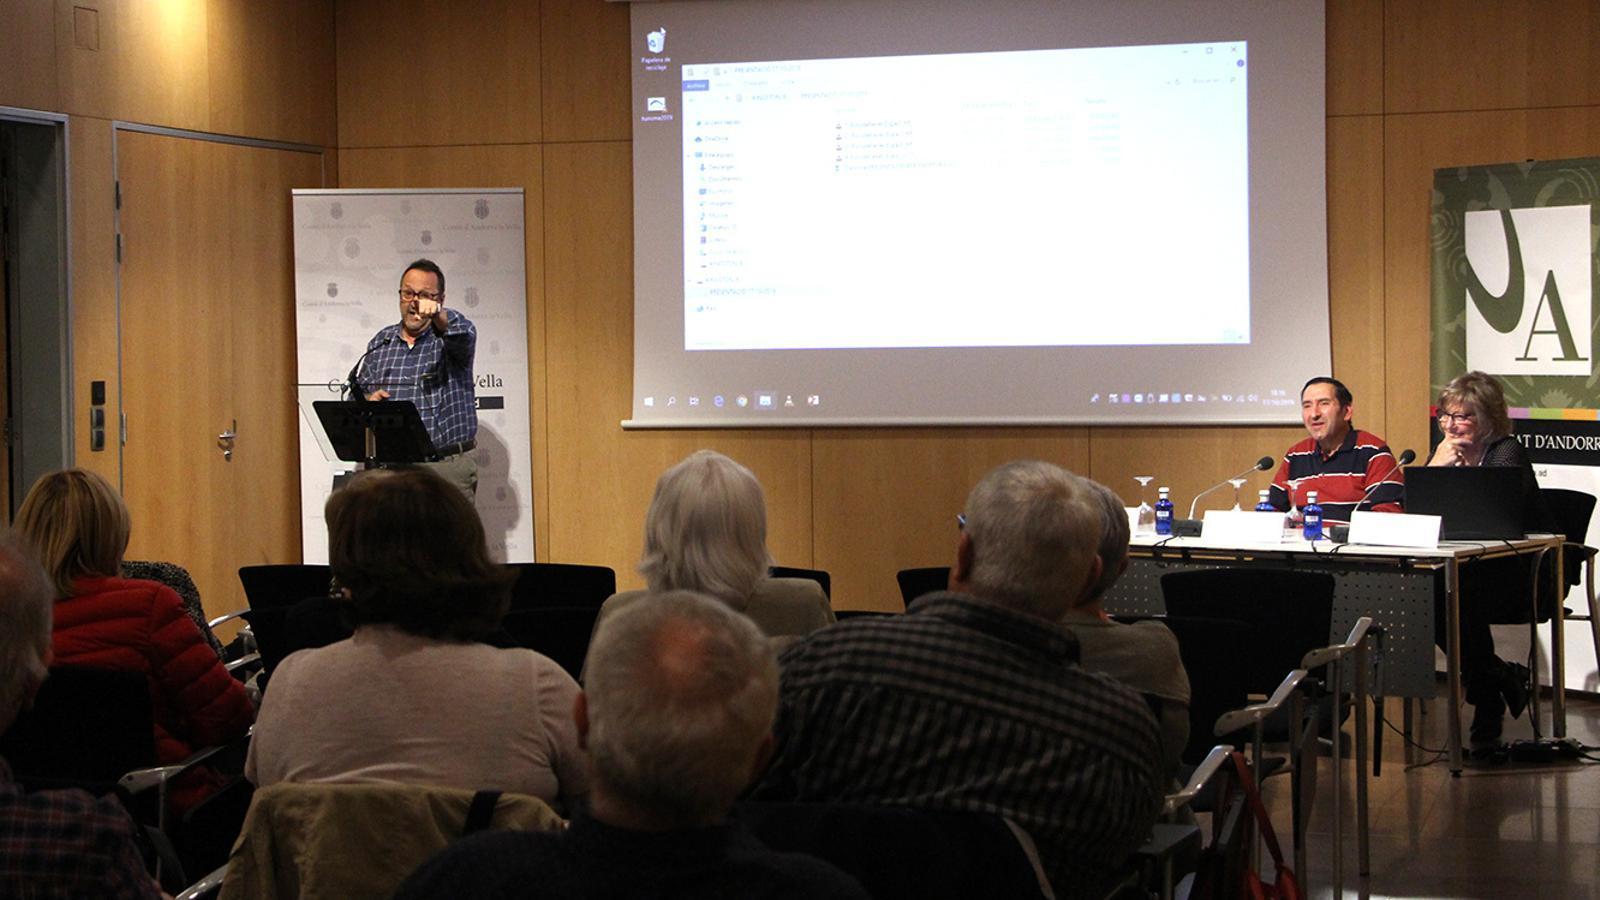 Membres de la Confraria d'escudellaires han ofert la primera sessió de l'Aula Magna. / M. F. (ANA)